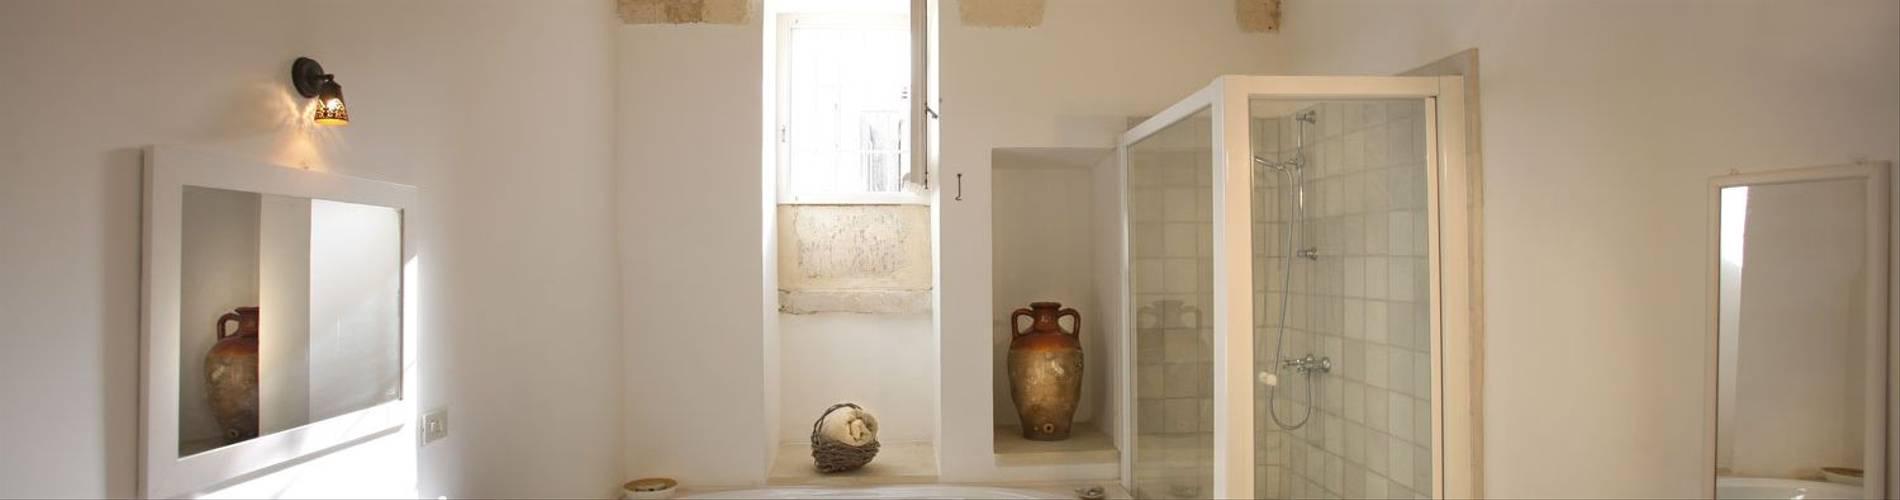 Palazzo Guglielmo, Puglia, Italy, Bukowski (2).jpg